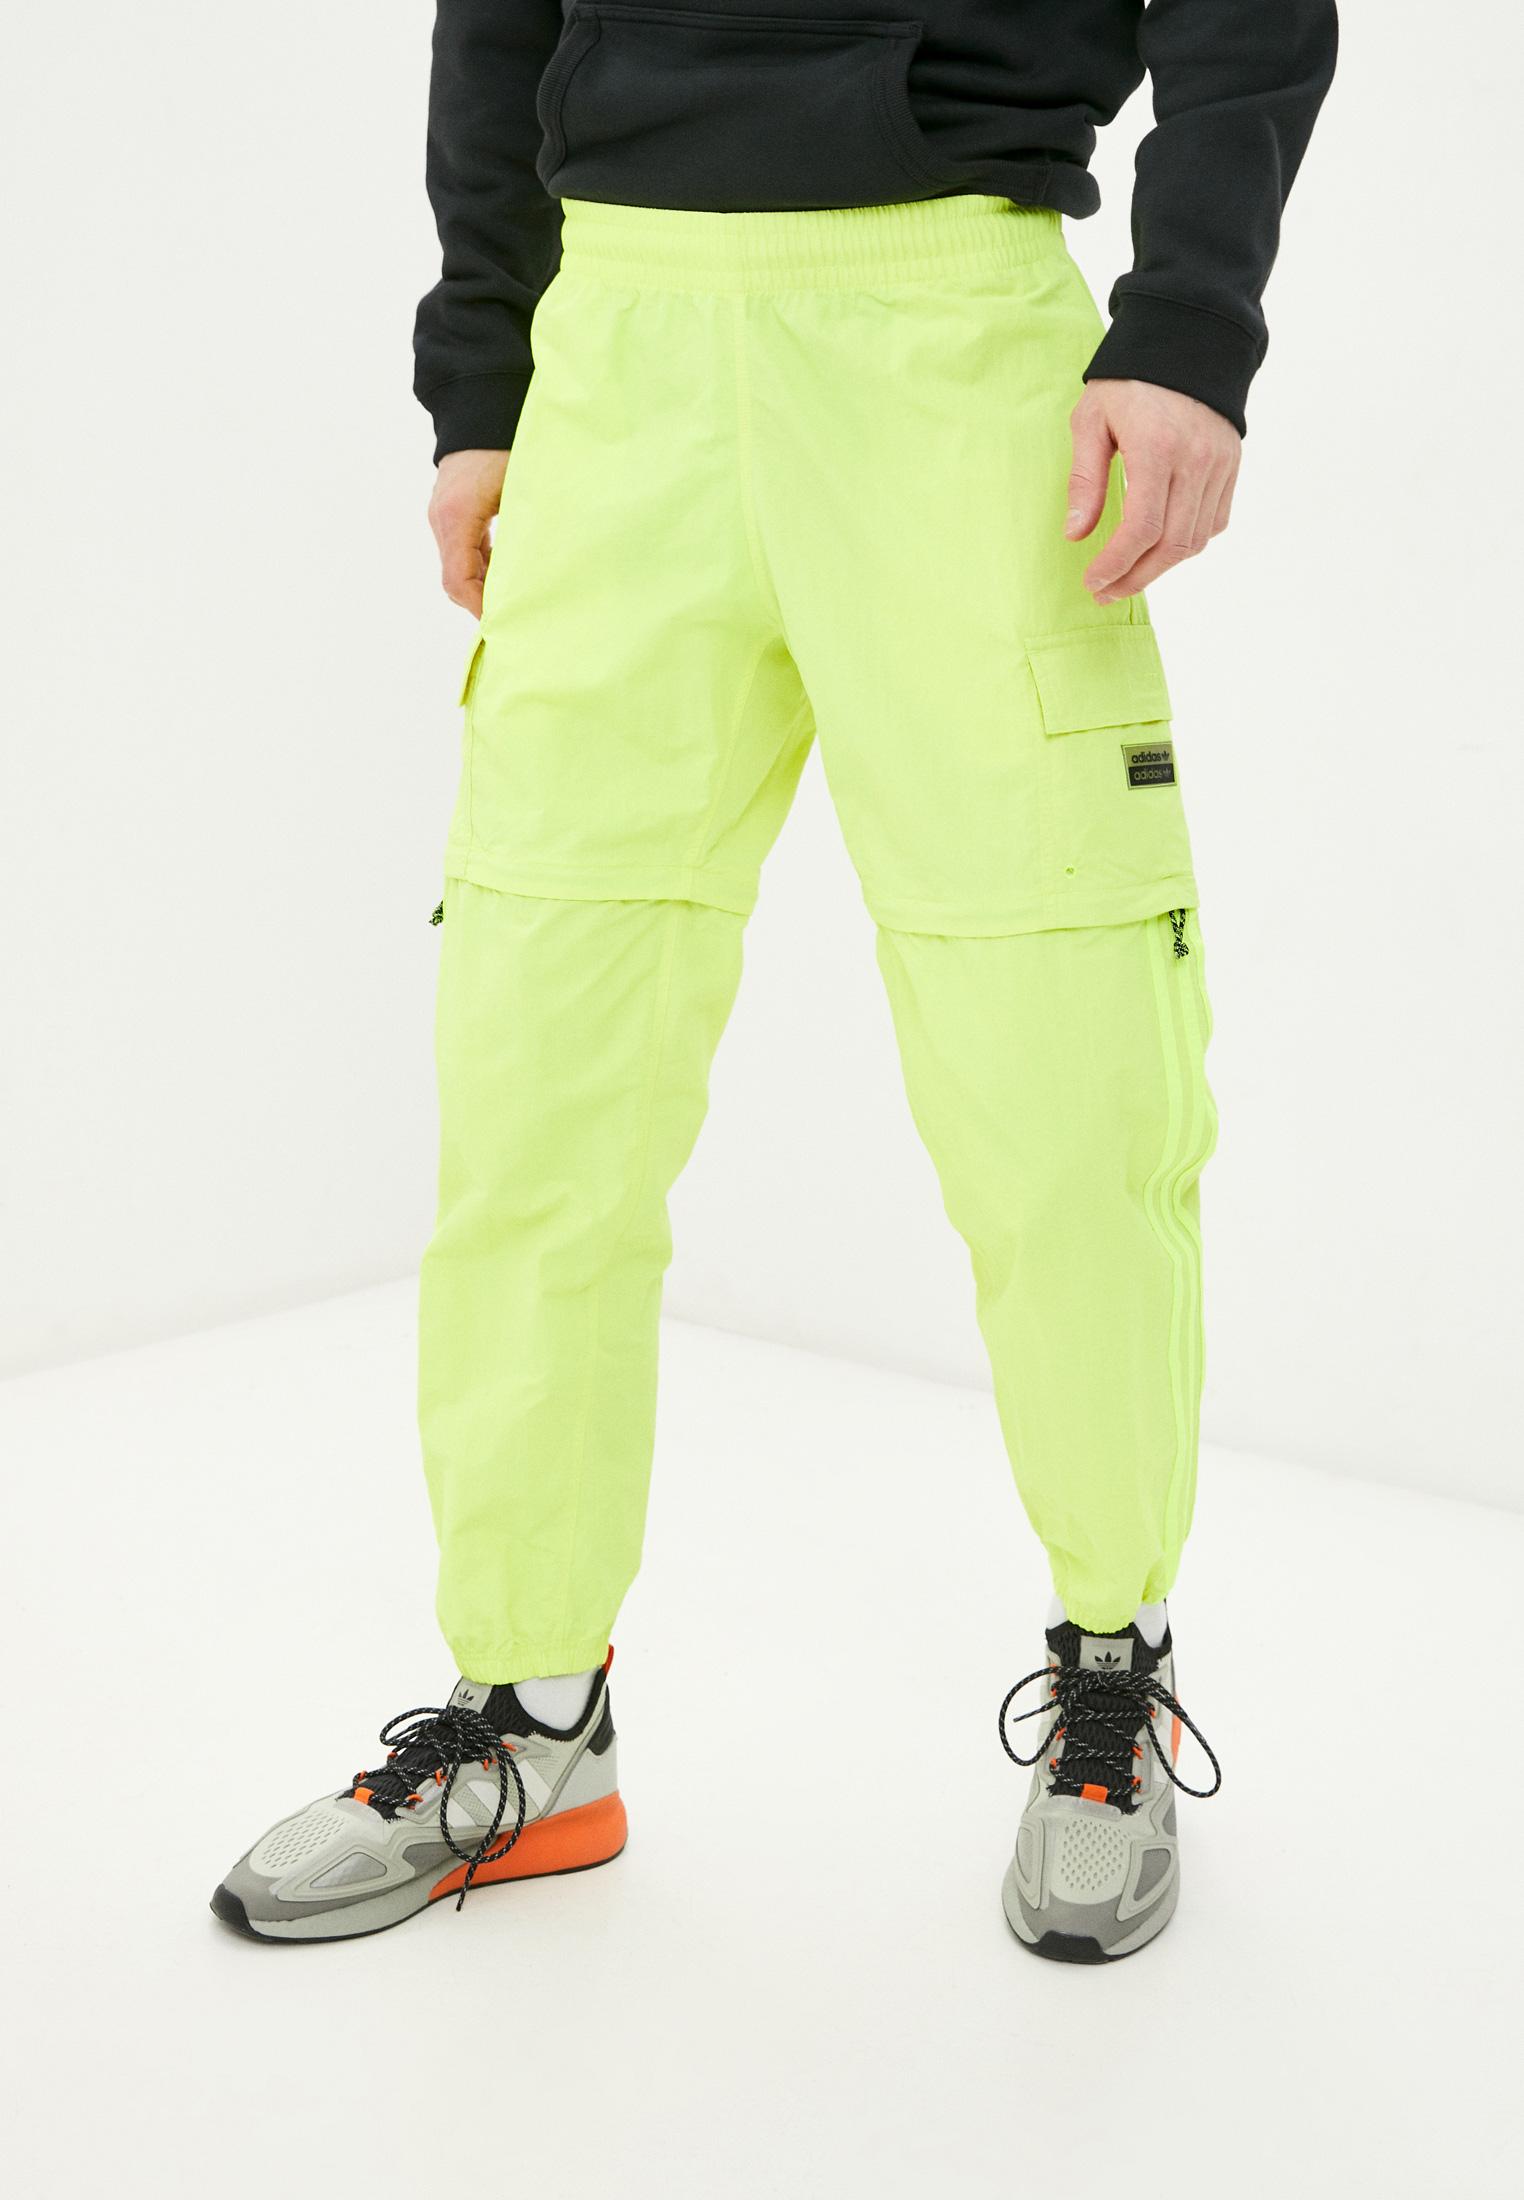 Мужские спортивные брюки Adidas Originals (Адидас Ориджиналс) Брюки спортивные adidas Originals